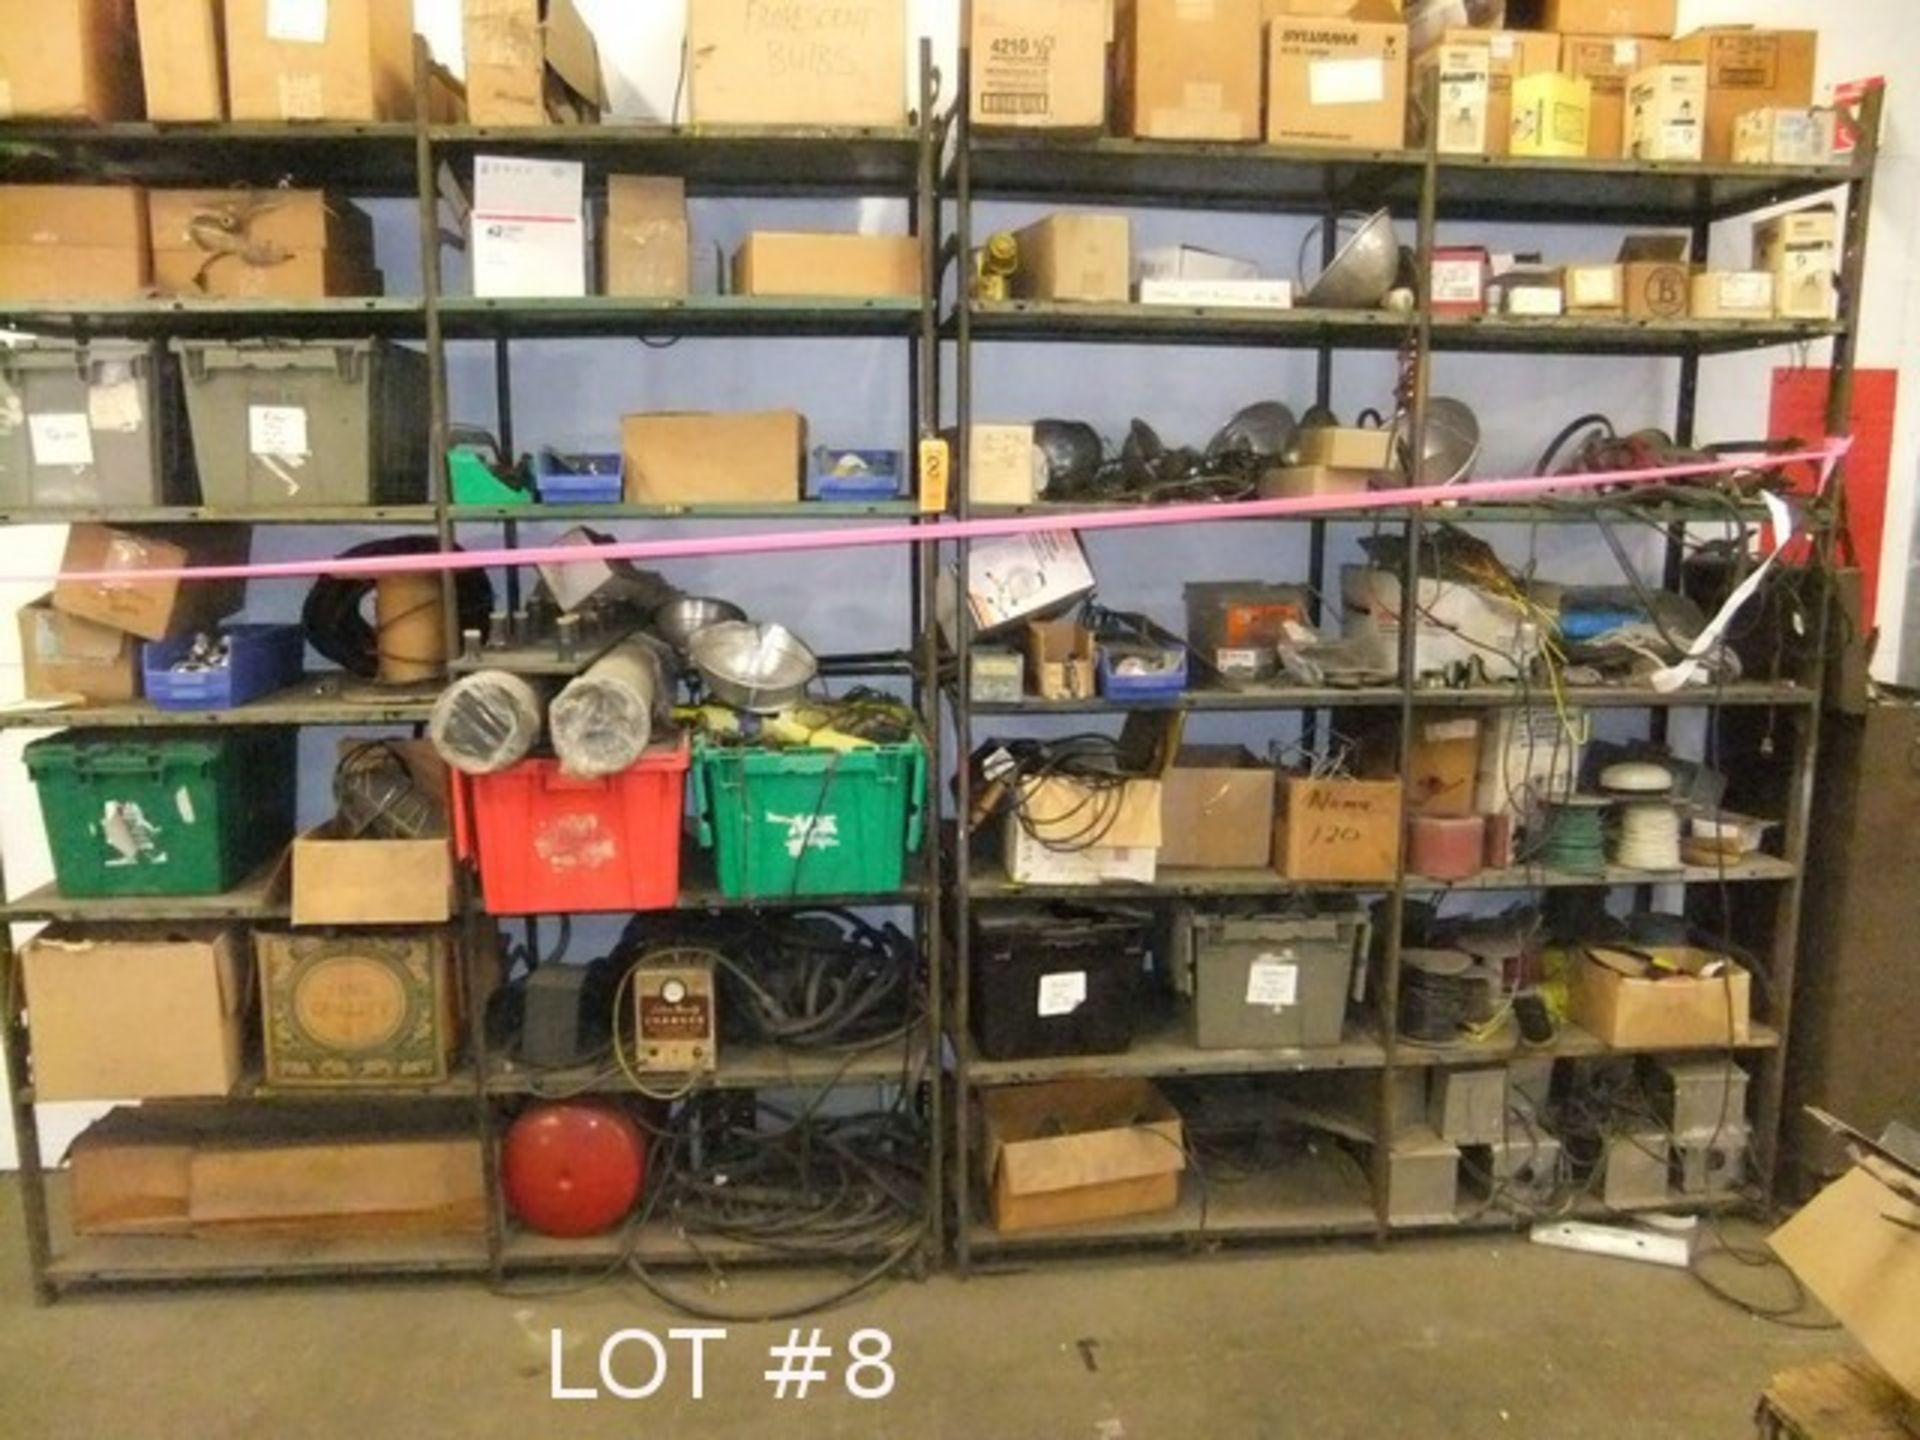 Lot 8 - LOT: METAL SHELVING W/ CONTENTS